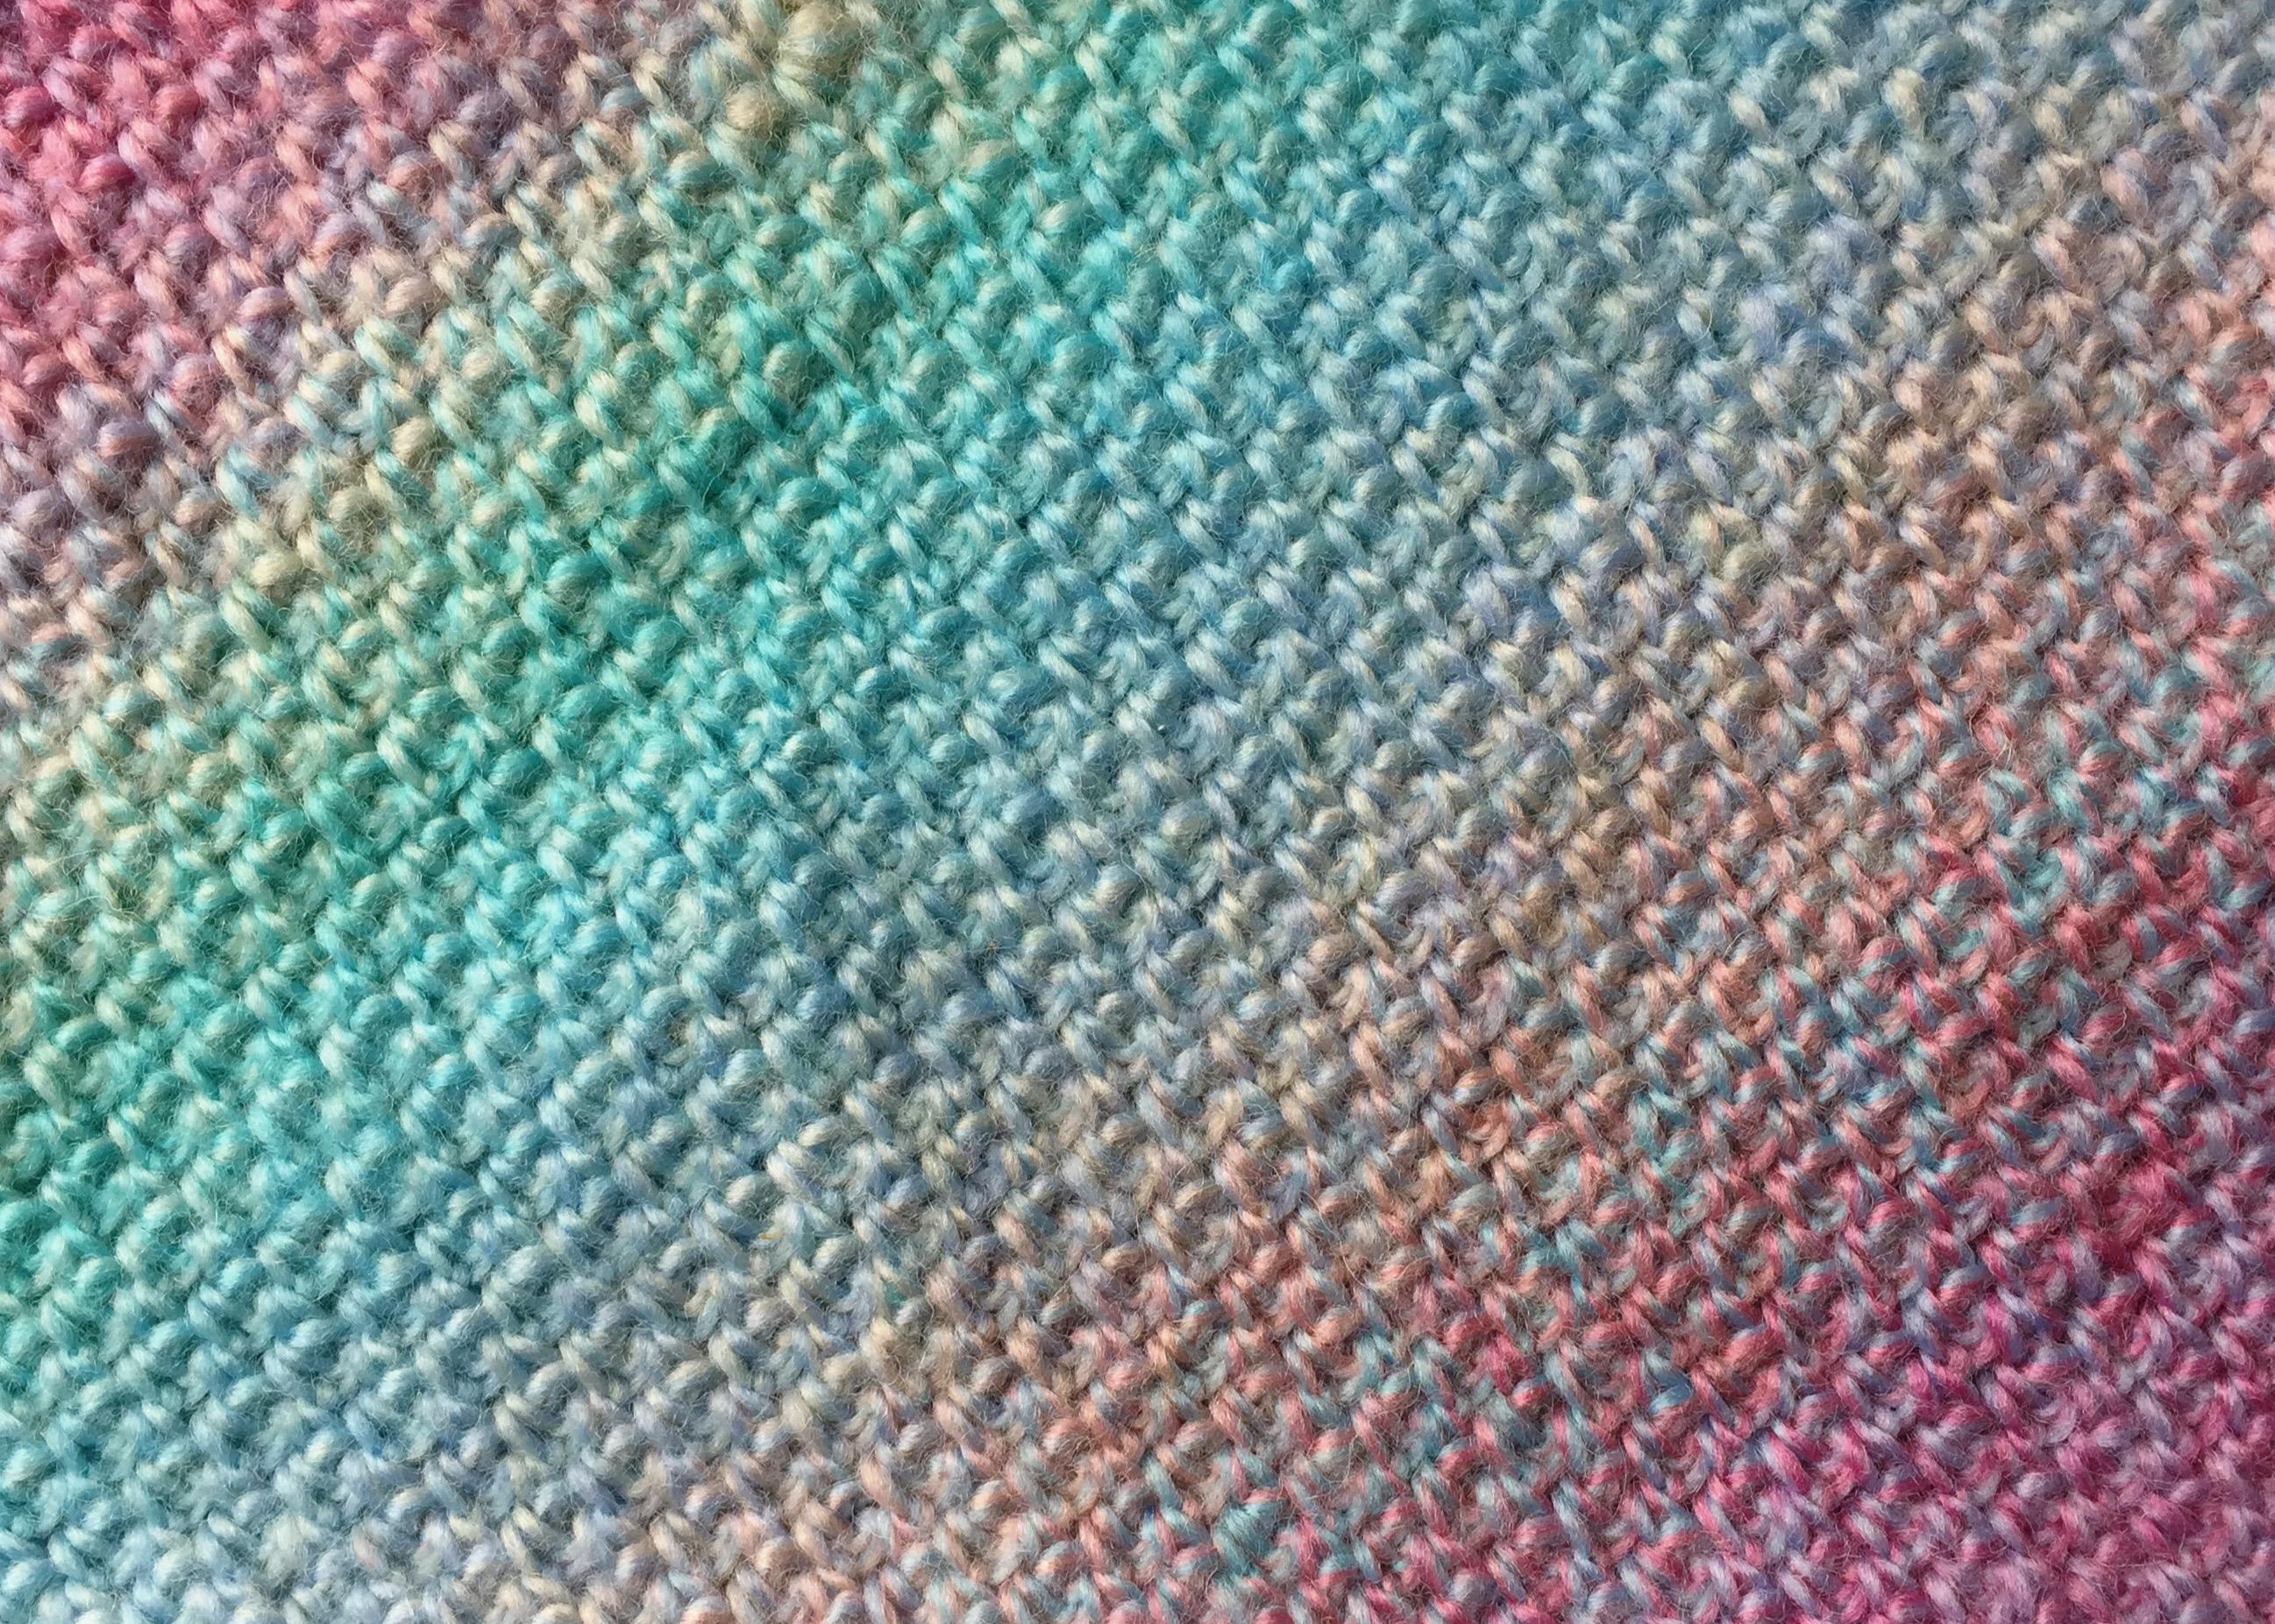 MissNeriss (966) colourway in Our Tribe yarn from Scheepjes. 70% merino superwash, 30% polyamide fingering weight, 420m per 100g